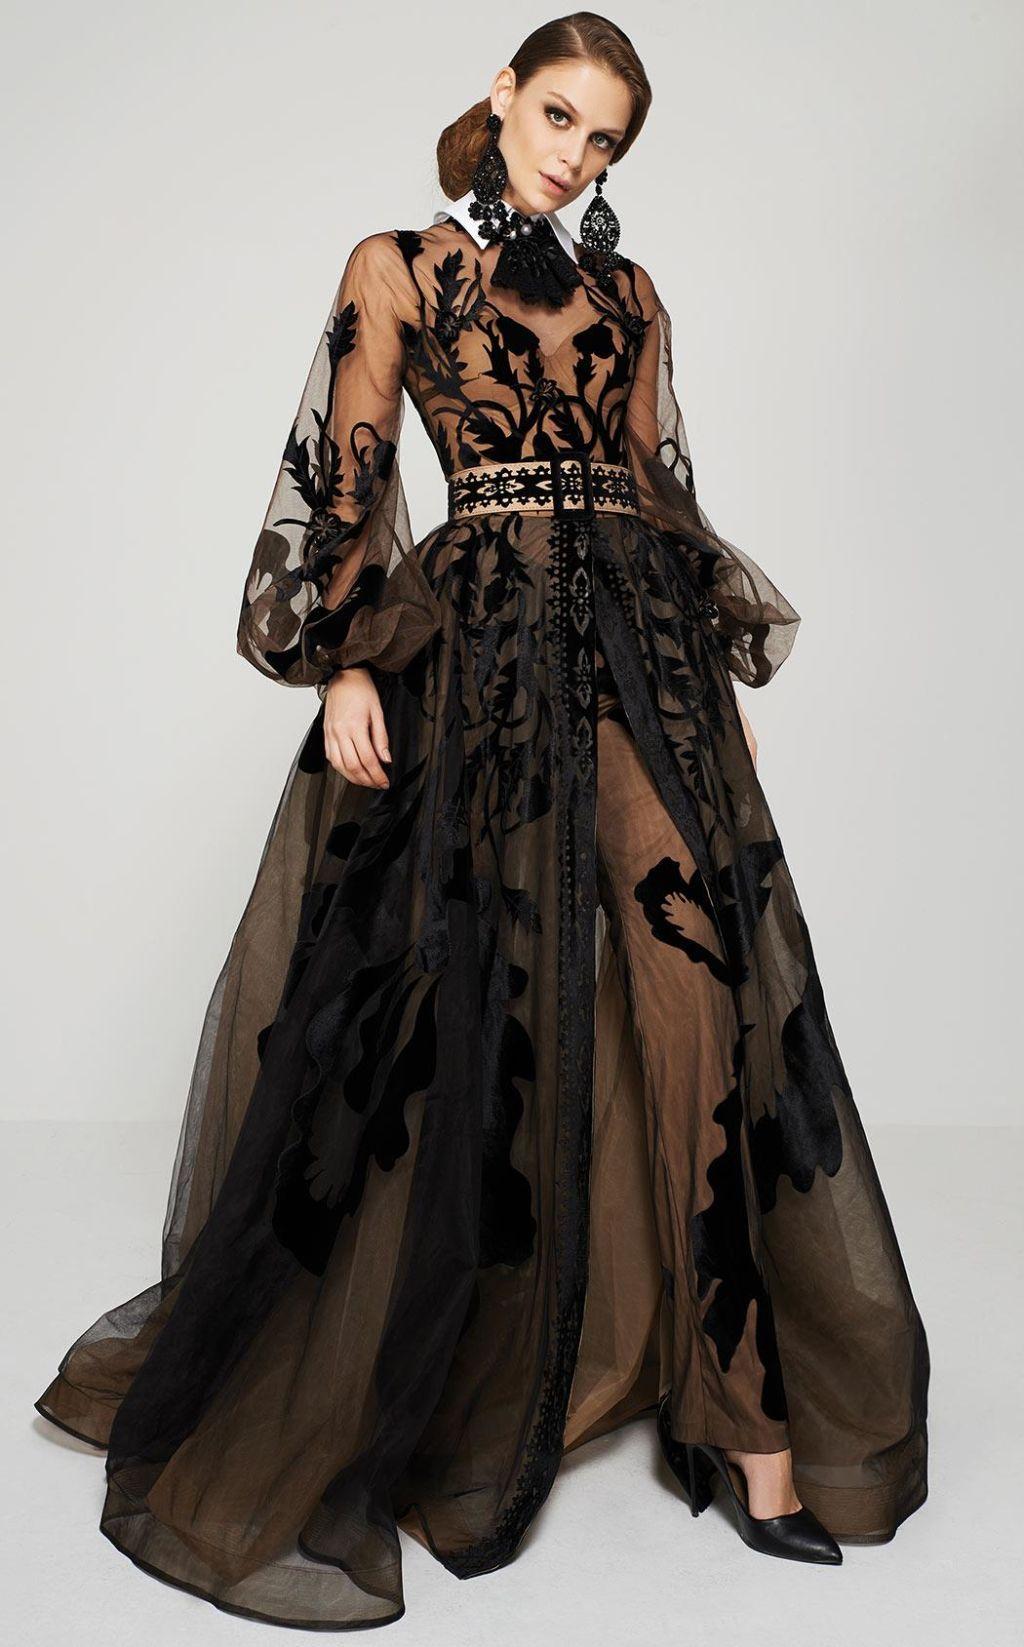 da lunghi 12 principessa eleganti vestiti tapxBqw